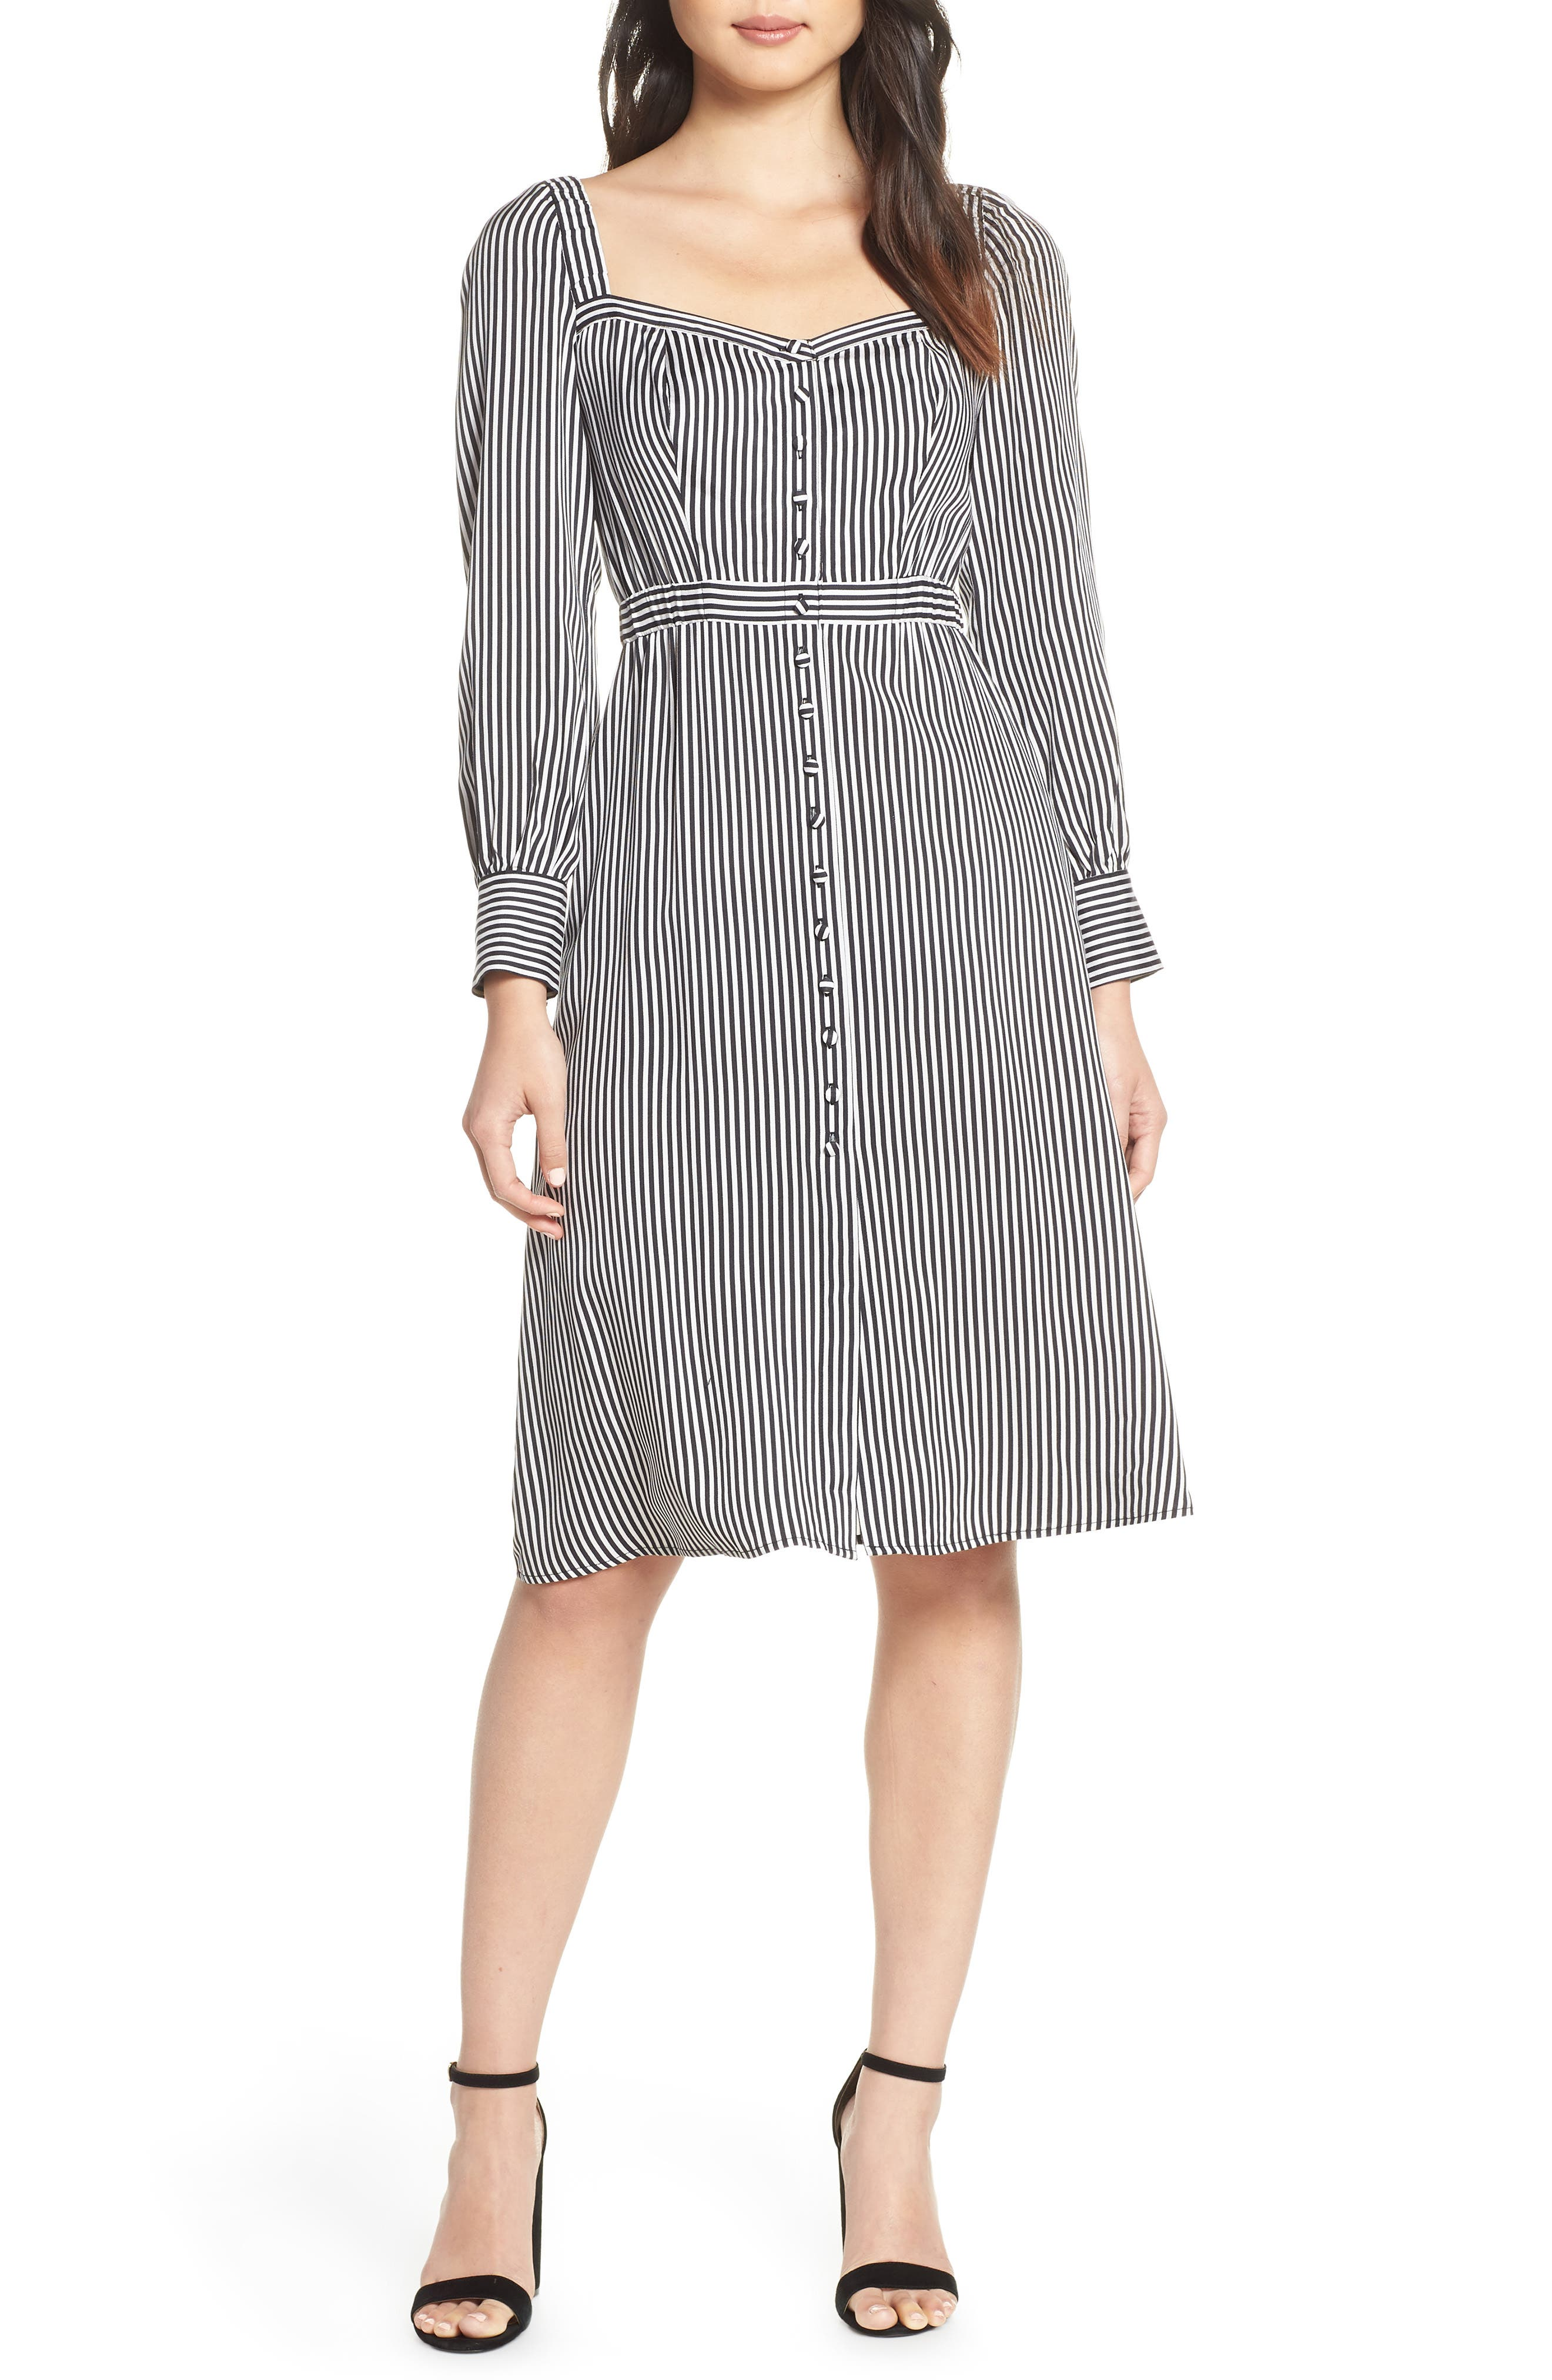 ALI & JAY, Take Me Downtown Stripe Dress, Main thumbnail 1, color, 001